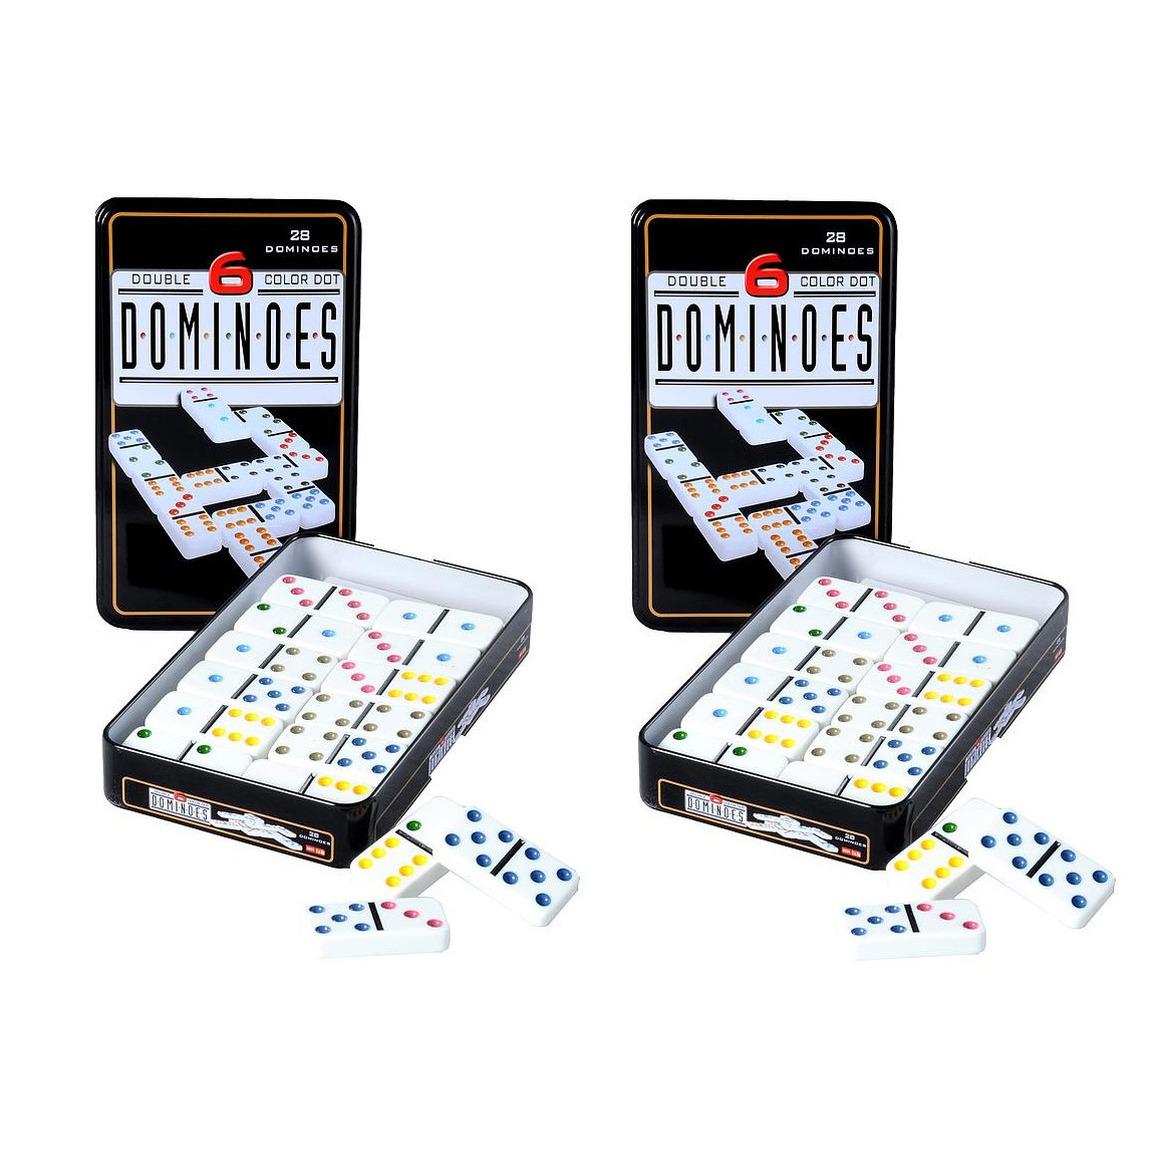 Domino spel dubbel double 6 in blik en 56x gekleurde stenen